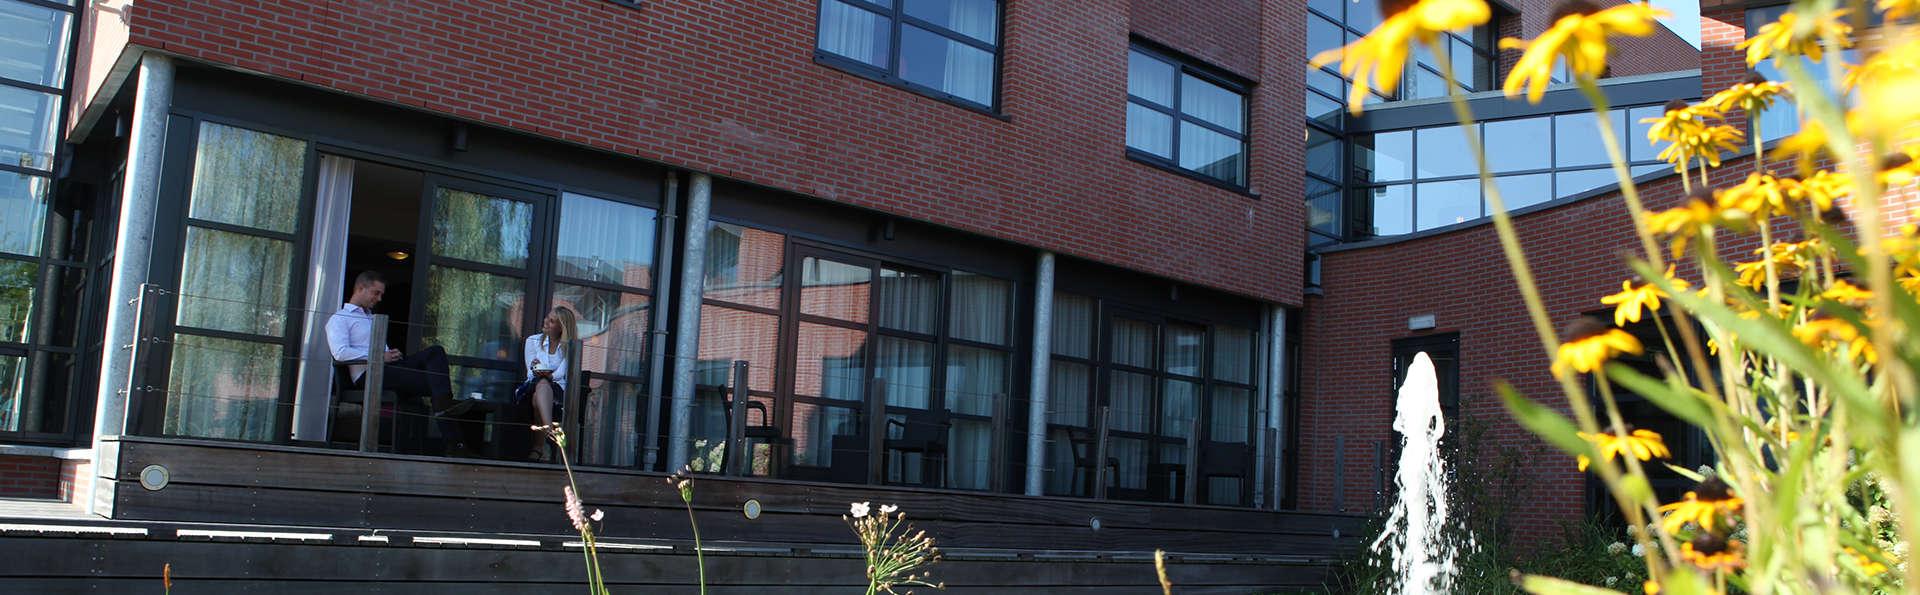 Hotel Mijdrecht Marickenland  - EDIT_front65.jpg